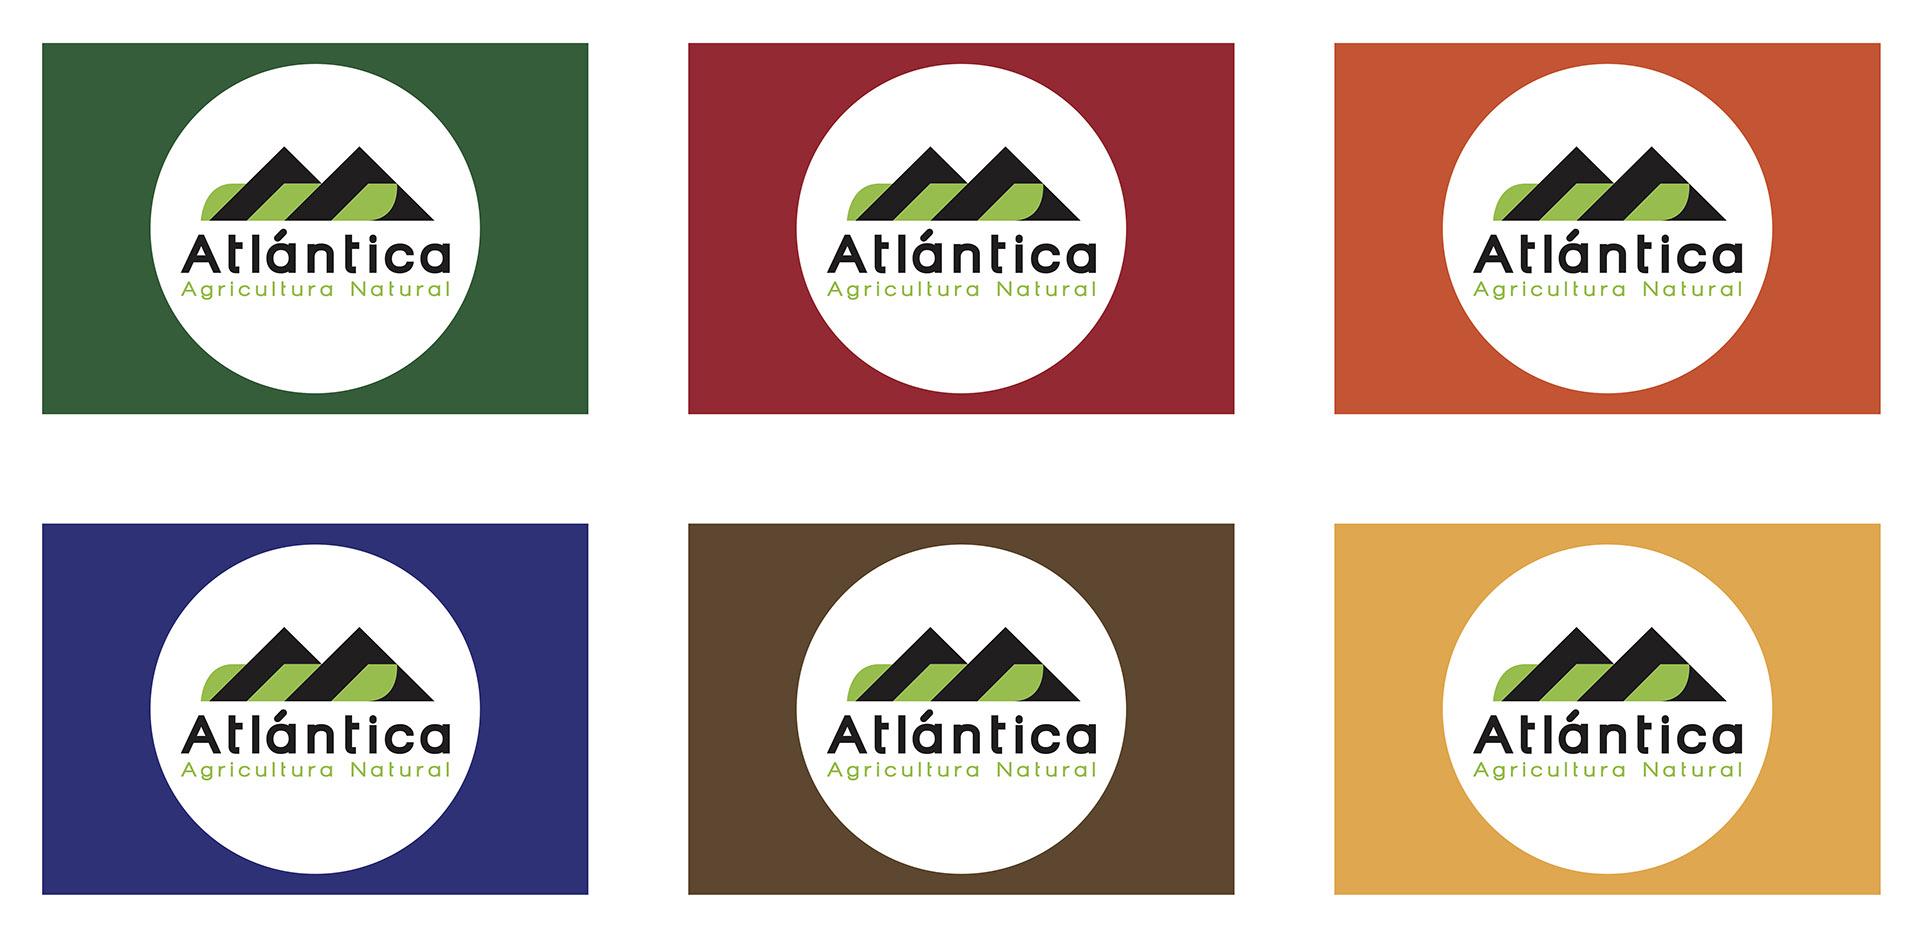 03_PLAYstudio_Atlantica-Agricola